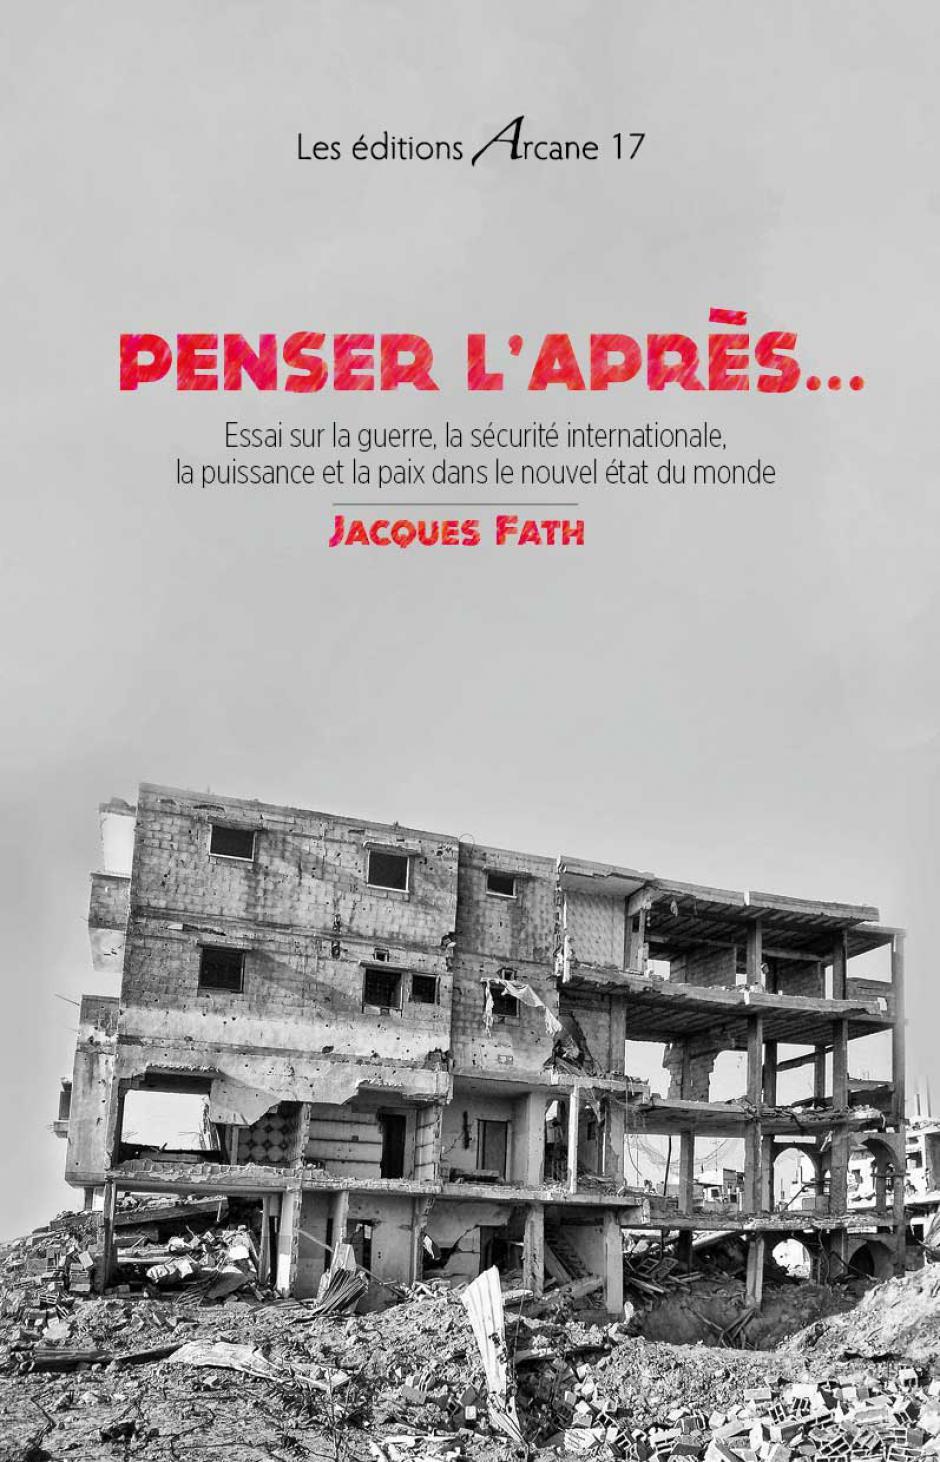 Penser l'après, Jacques Fath